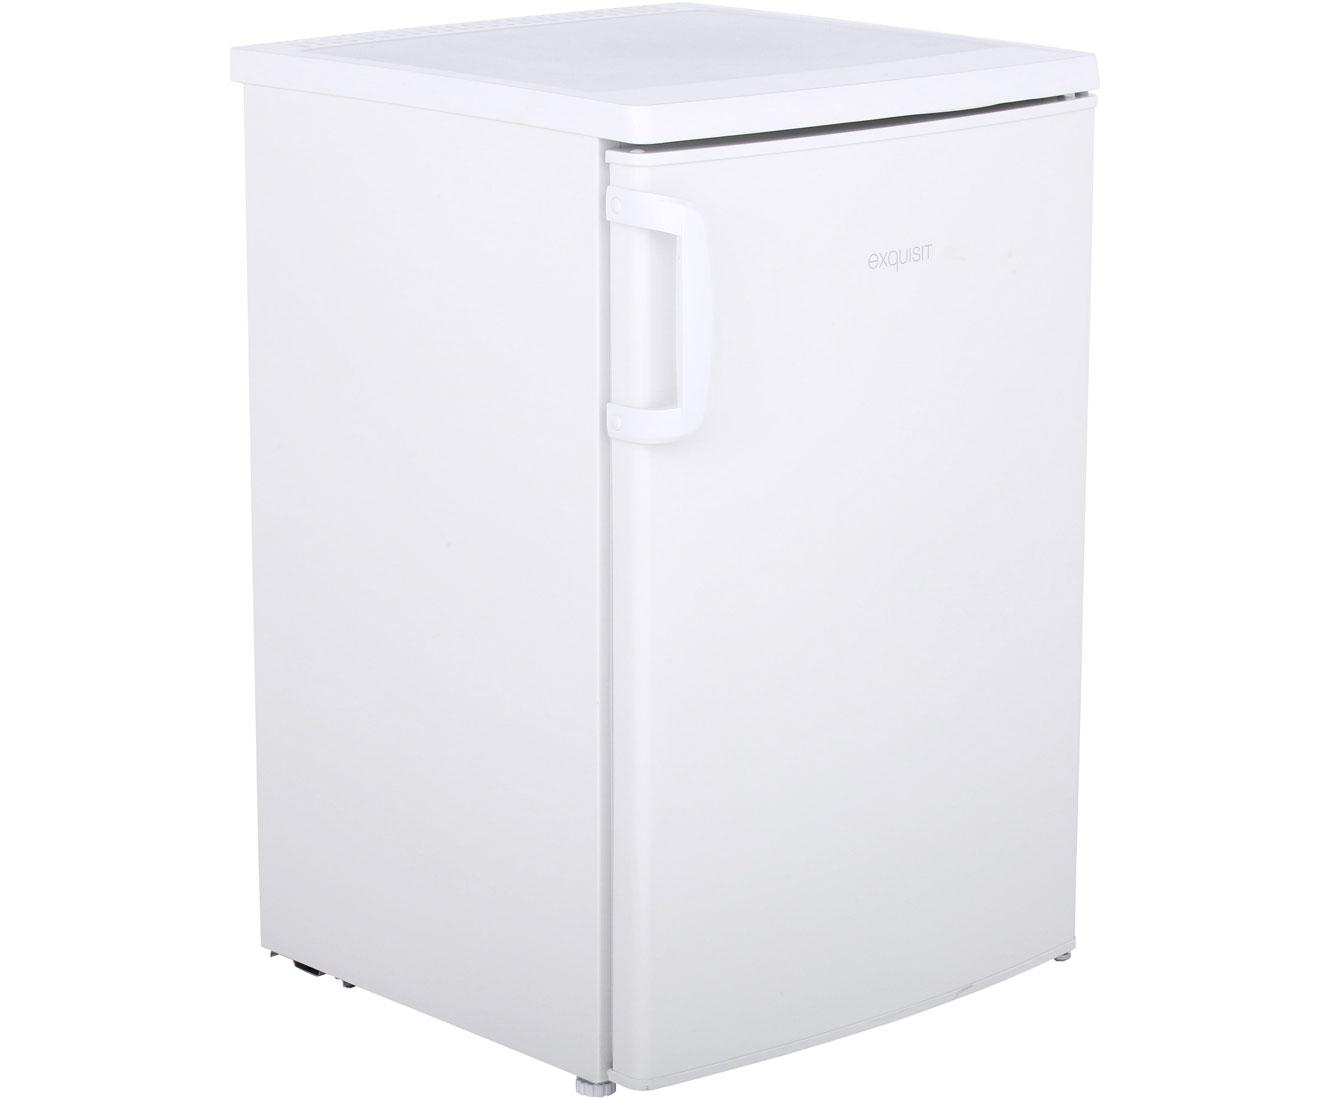 Retro Kühlschrank Real : Exquisit ks a kühlschrank mit gefrierfach weiß a